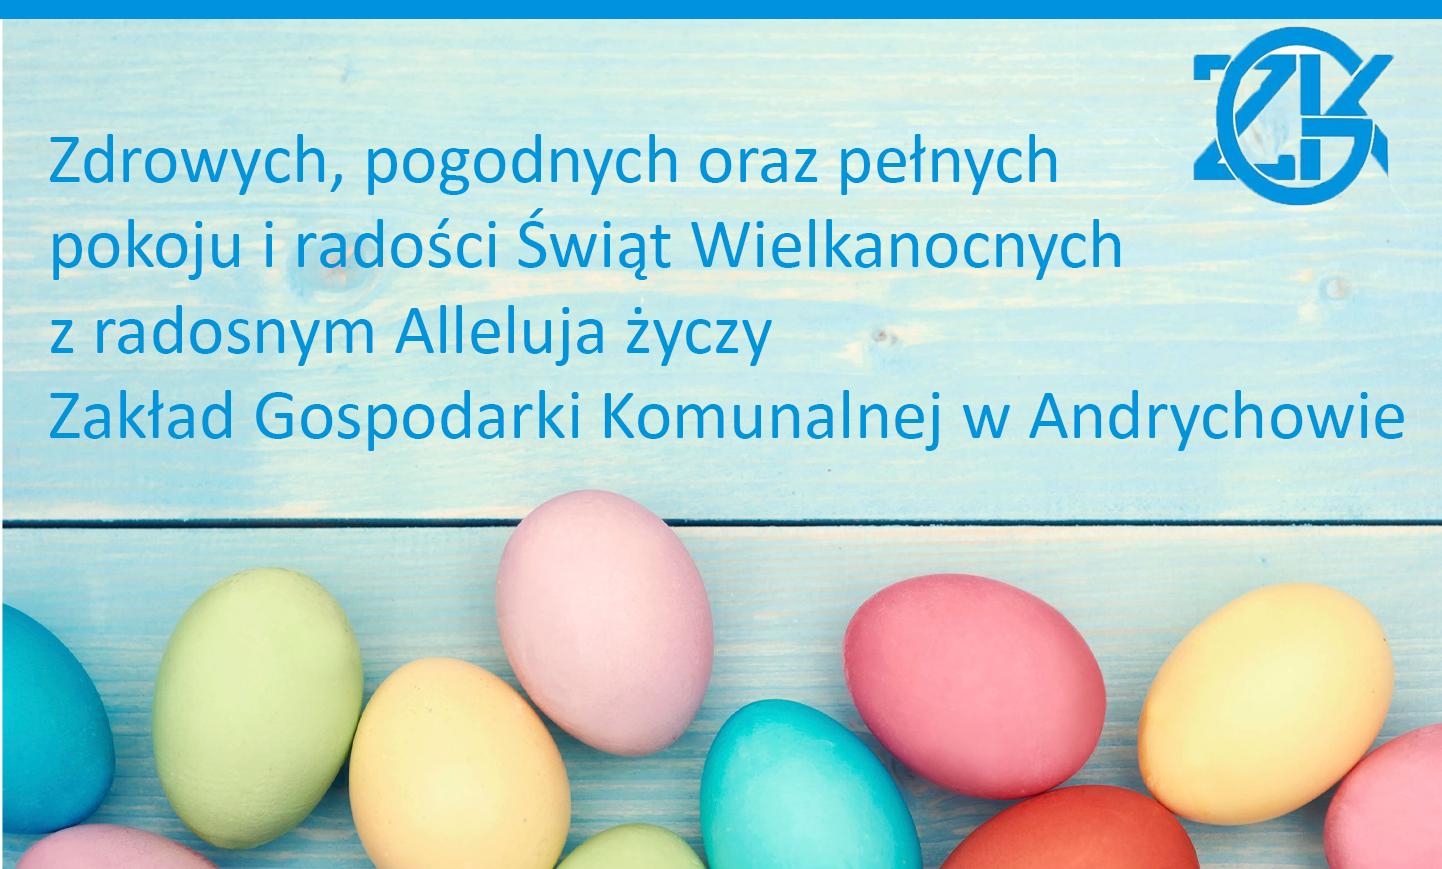 Życzenia świątecznego od kierownictwa i pracowników Zakładu Gospodarki Komunalnej w Andrychowie